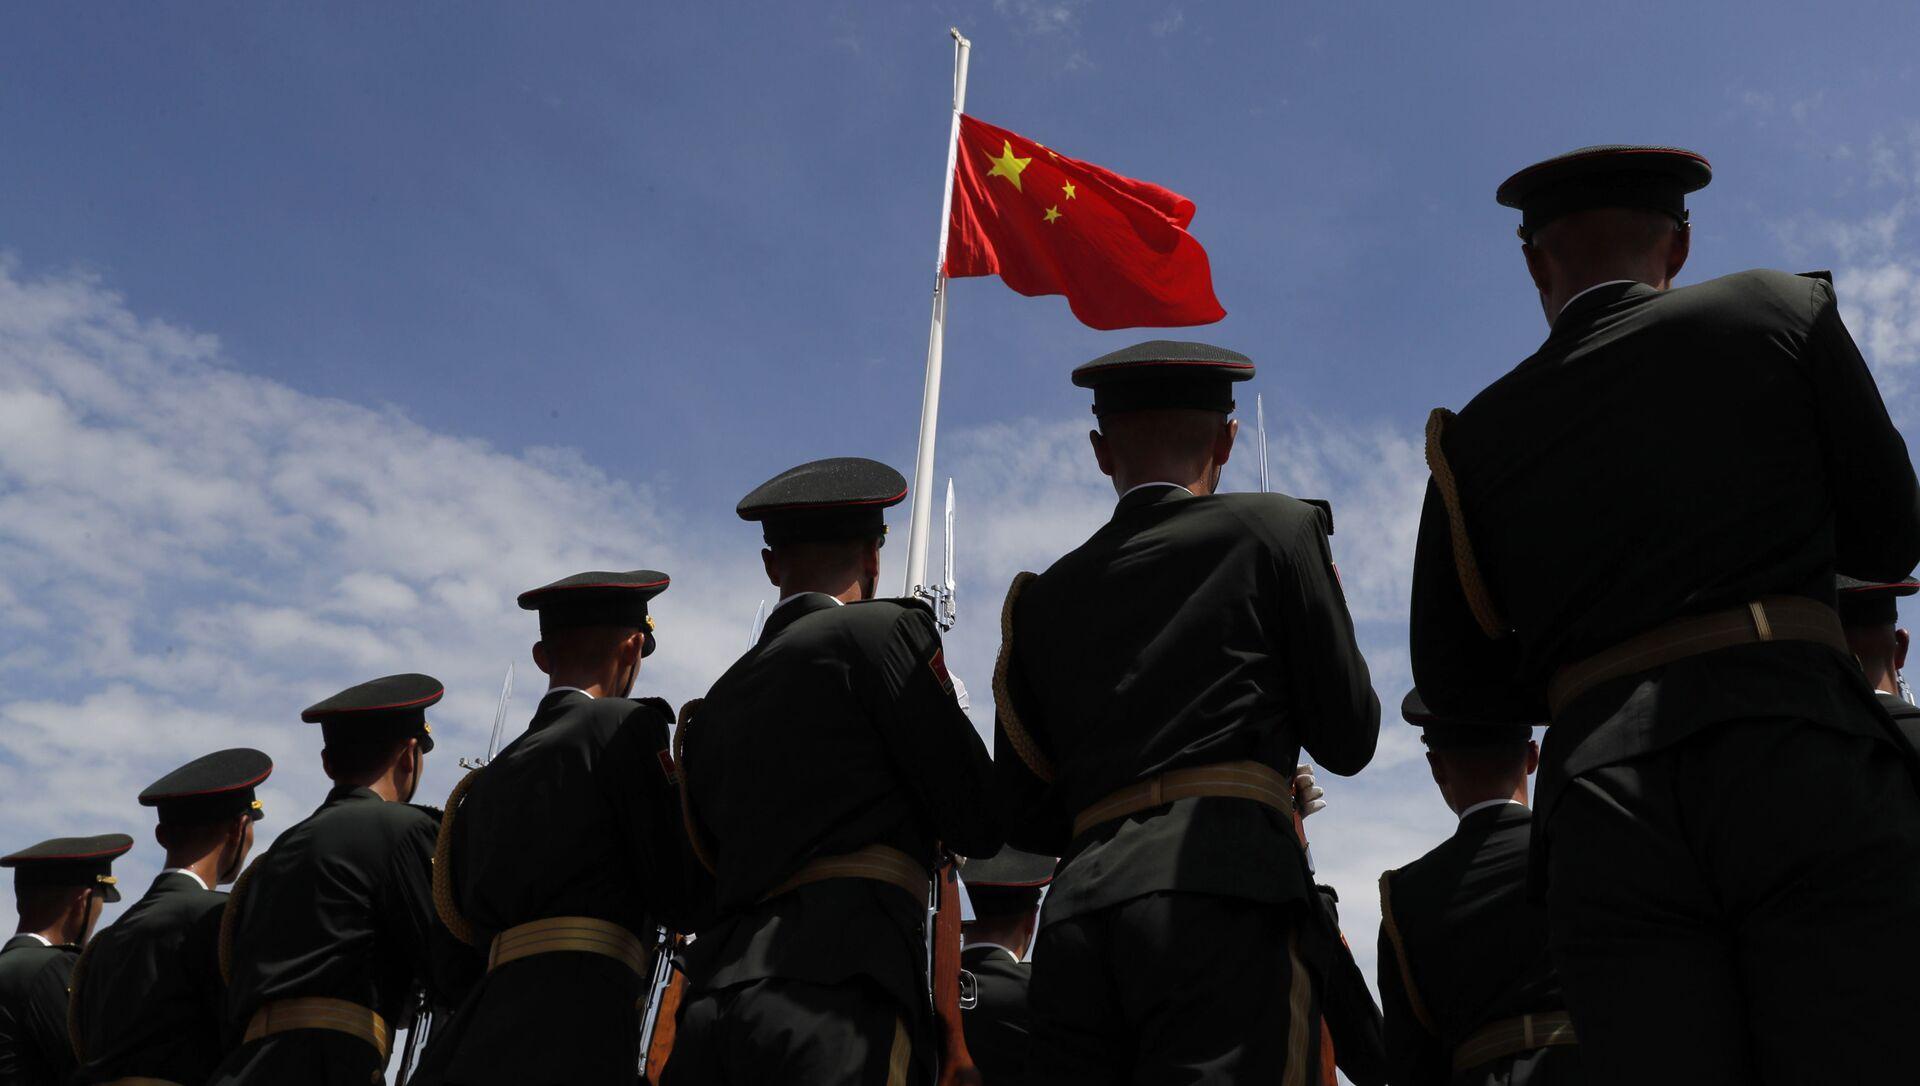 Военные народно-освободительной армии Китая - Sputnik Узбекистан, 1920, 26.02.2021